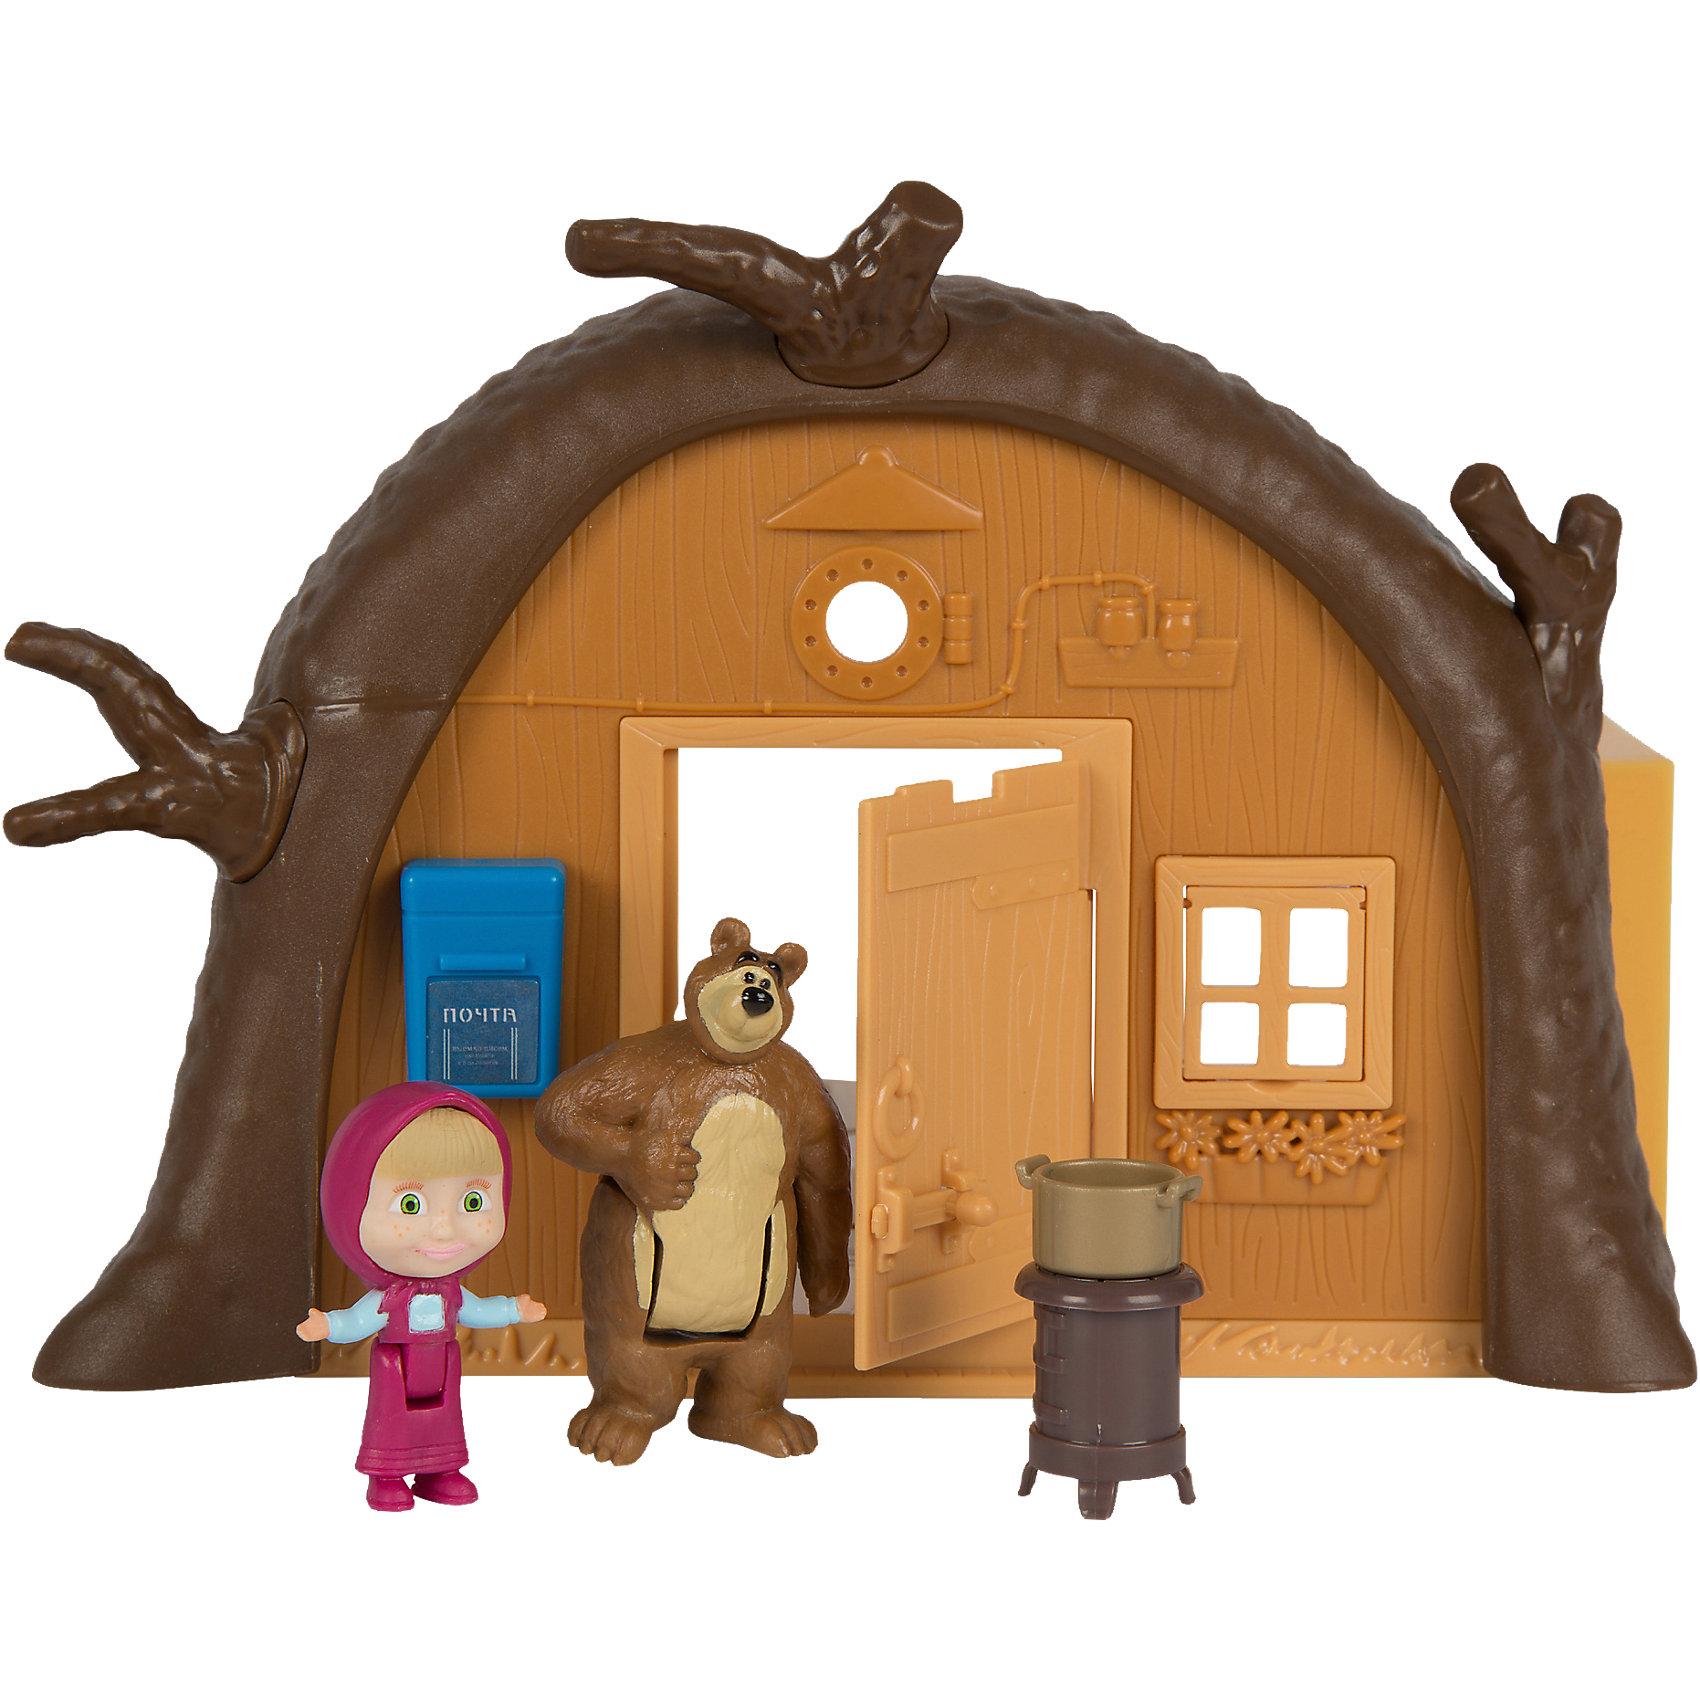 Домик Миши, Маша и Медведь, SimbaПопулярные игрушки<br>Домик Миши, Маша и Медведь, Simba (Симба) – это прекрасный игровой набор по мотивам мультсериала Маша и медведь.<br>Игровой набор Домик Миши позволит ребенку воссоздать игровые ситуации из любимого мультфильма Маша и Медведь. Внешне домик выглядит как в мультфильме. Одна стена домика не двигается. В ней есть дверь и окошко. Дверь домика открывается. На стене висит почтовый ящик. В другой стене окон нет, но она может опускаться, становясь, полом и открывая внутреннюю комнату Миши. Внутри есть телевизор, самовар, холодильник, кресло, столик, печка, сундук и другие аксессуары. В комплект входят две фигурки. Миша неподвижный, не может менять позу, а Маша умеет наклоняться и садиться на стул. Набор удобно брать с собой в дорогу или в гости, благодаря сборной конструкции. В сложенном виде домик представляет собой футляр, в котором хранятся аксессуары для игры. Домик Миши с аксессуарами перенесет ребенка в мир фантазий, где живут любимые герои. Играть с ними весело и интересно.<br><br>Дополнительная информация:<br><br>- В наборе: кукла Маша; домик; фигурка Миши; печь; самовар; столик; телевизор; кресло; посуда; кастрюля; сундучок; холодильник; хлебница<br>- Высота куклы: 12 см.<br>- Материал: пластик<br>- Размер упаковки: 35х10х20 см.<br>- Вес: 500 гр.<br><br>Домик Миши, Маша и Медведь, Simba (Симба) можно купить в нашем интернет-магазине.<br><br>Ширина мм: 359<br>Глубина мм: 205<br>Высота мм: 104<br>Вес г: 651<br>Возраст от месяцев: 36<br>Возраст до месяцев: 72<br>Пол: Женский<br>Возраст: Детский<br>SKU: 4108994